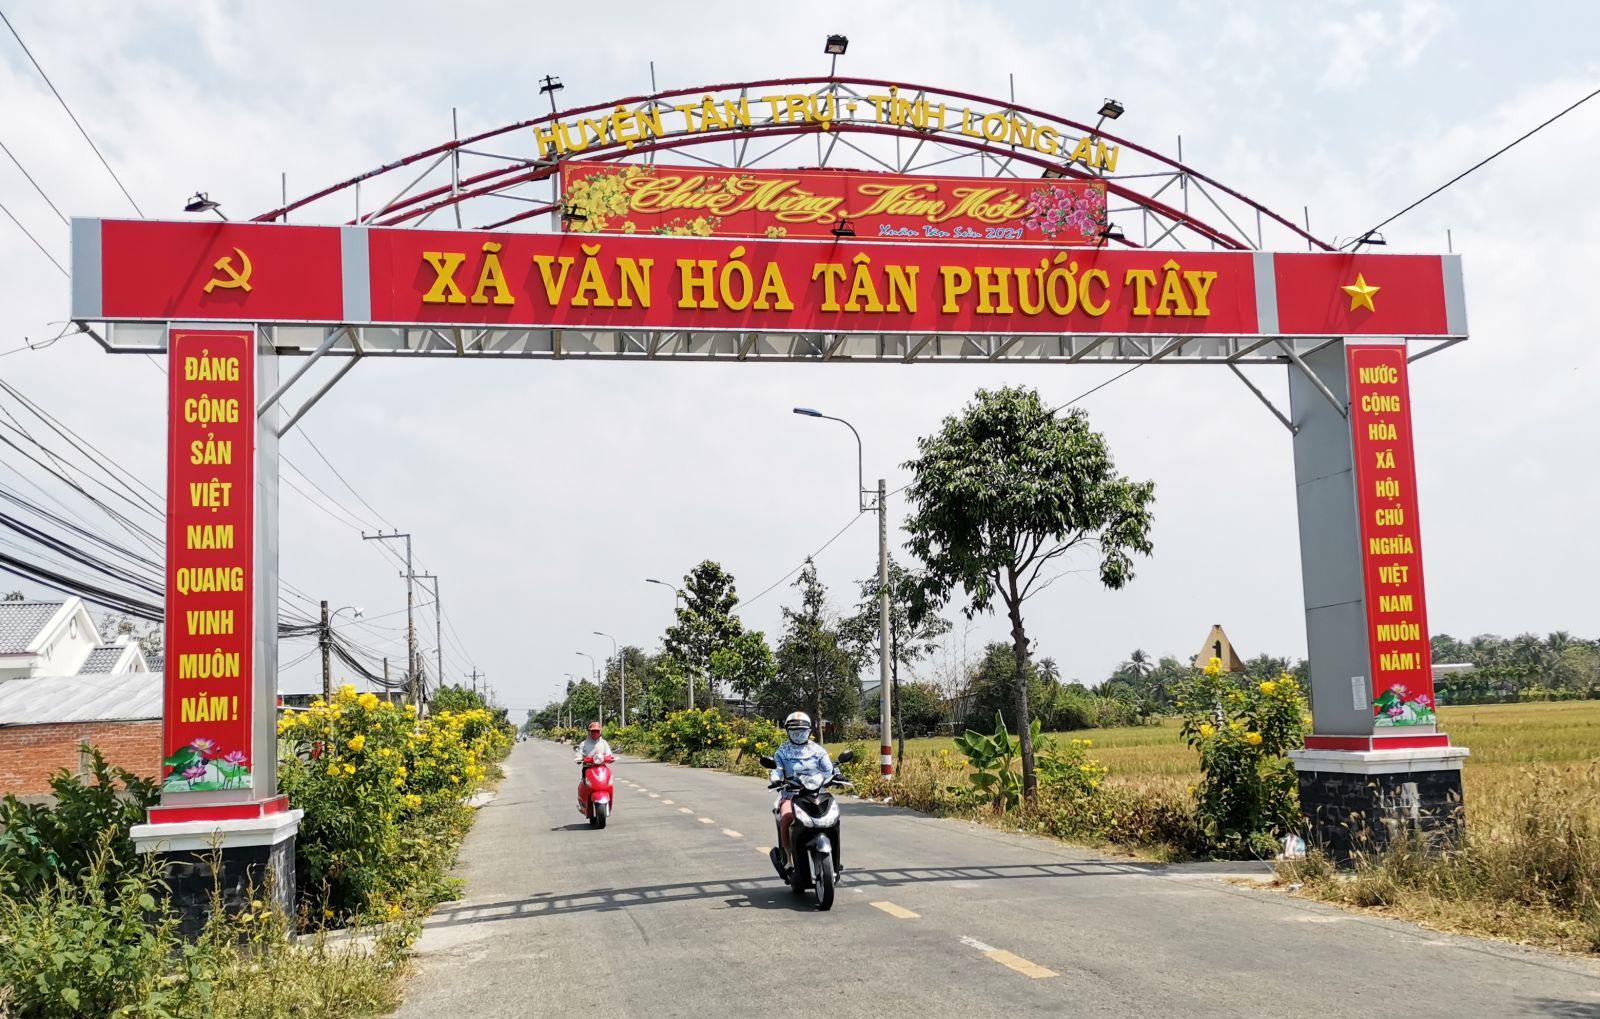 Xã Tân Phước Tây hoàn thành 19/19 tiêu chí và được công nhận đạt chuẩn nông thôn mới năm 2020. Nhờ làm tốt công tác dân vận, diện mạo nông thôn Tân Phước Tây có nhiều đổi mới